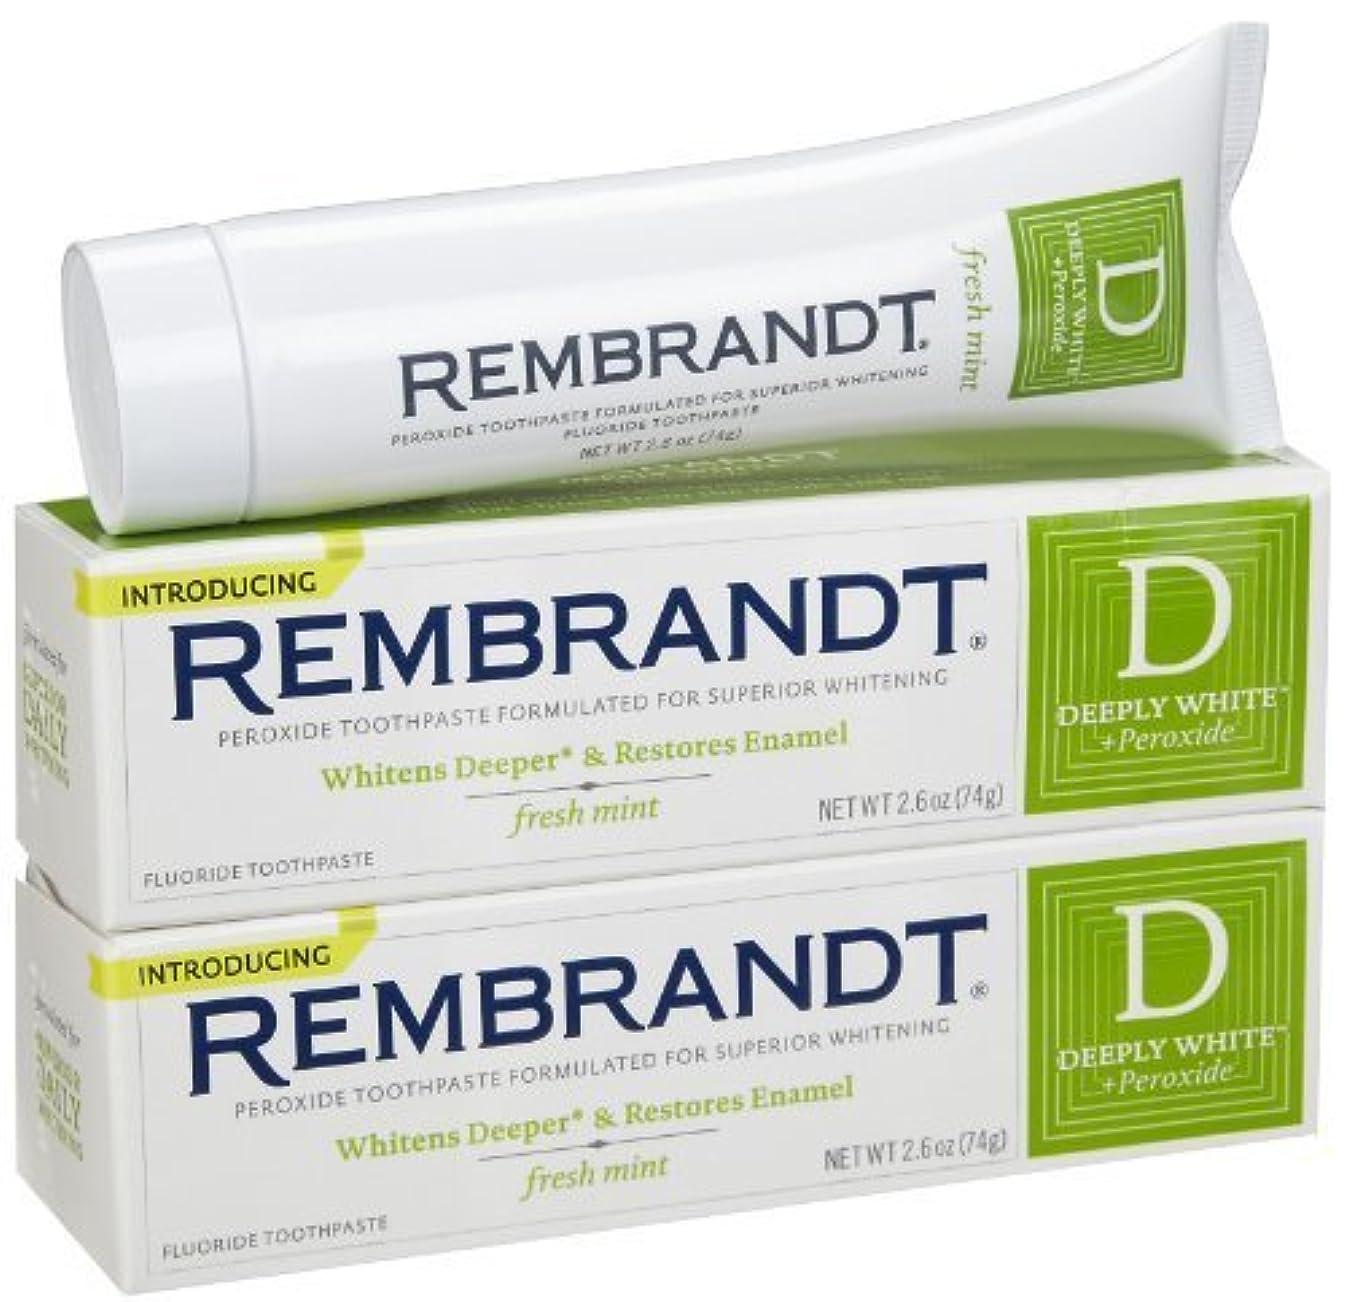 地区前任者和らげるRembrandt Fluoride Toothpaste, Mint - 2.6 oz - 2 pk [並行輸入品]